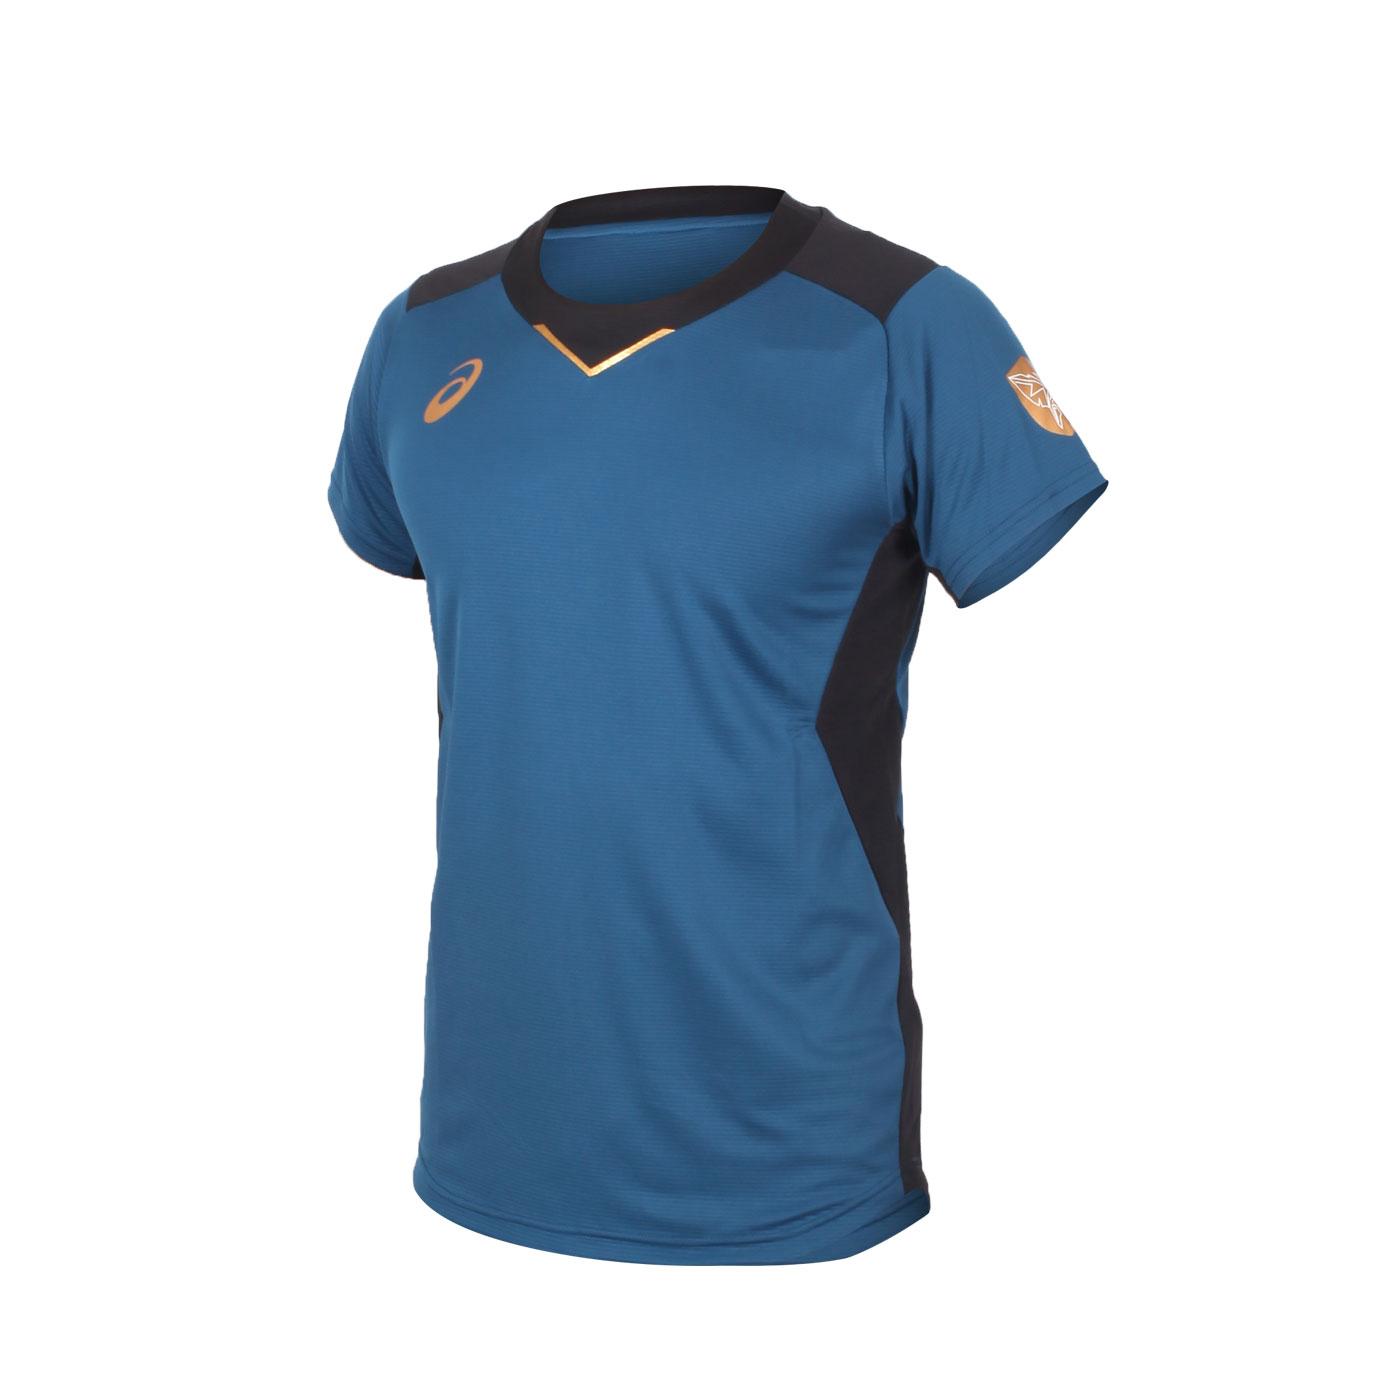 ASICS 男款排球短袖T恤 2051A245-001 - 墨藍金